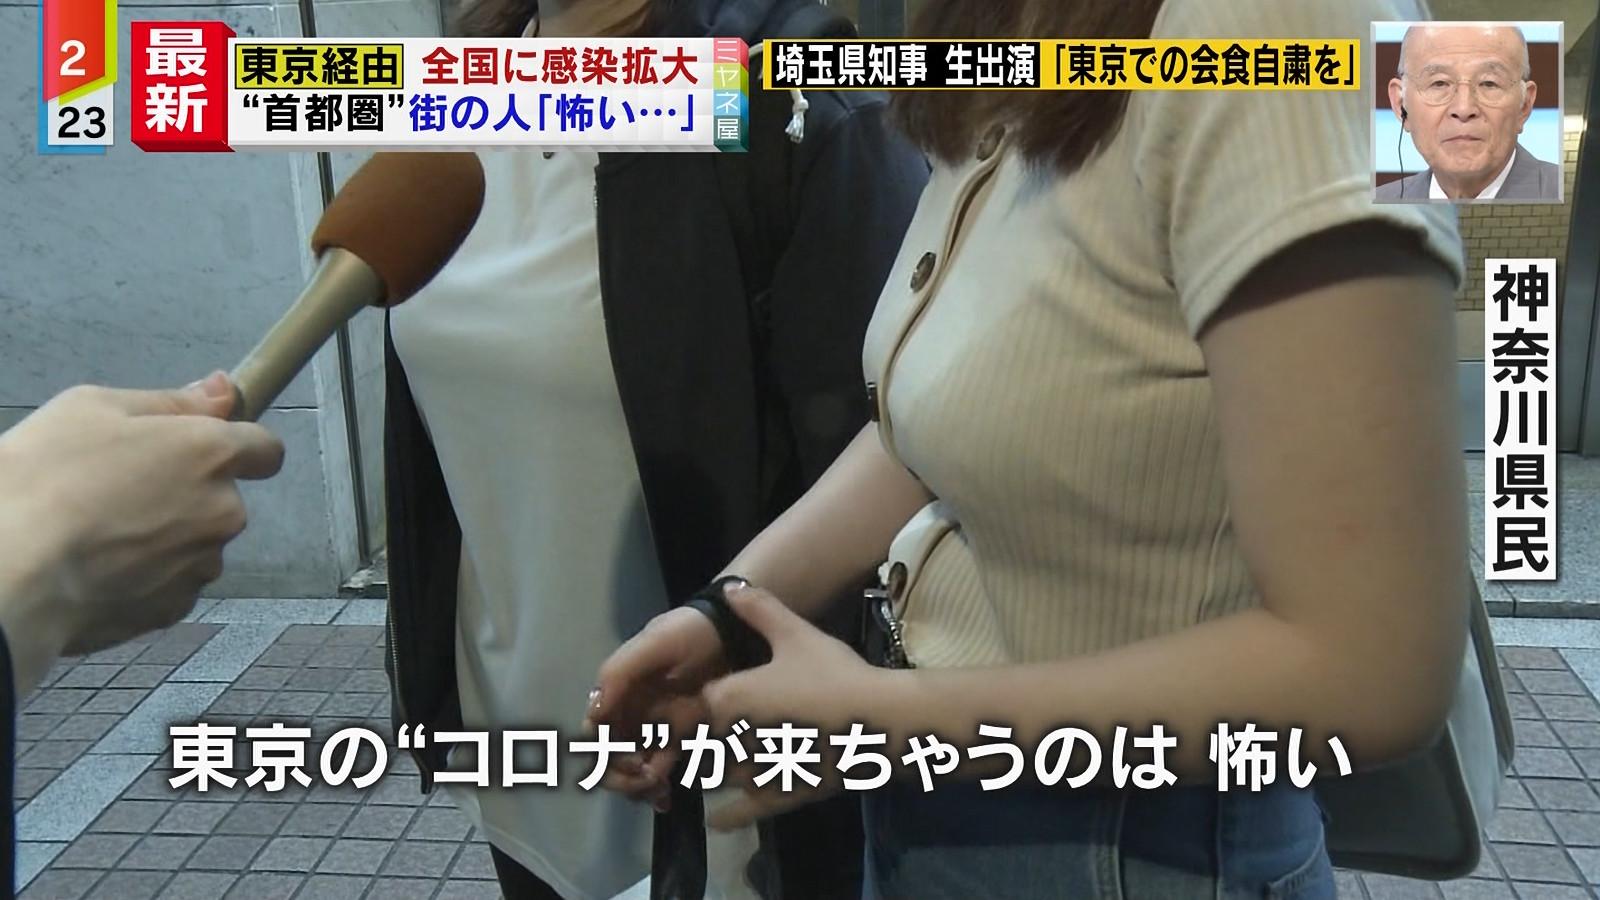 【画像】エチエチな神奈川県民、怯える「東京人がコロナばら撒くのが怖い」